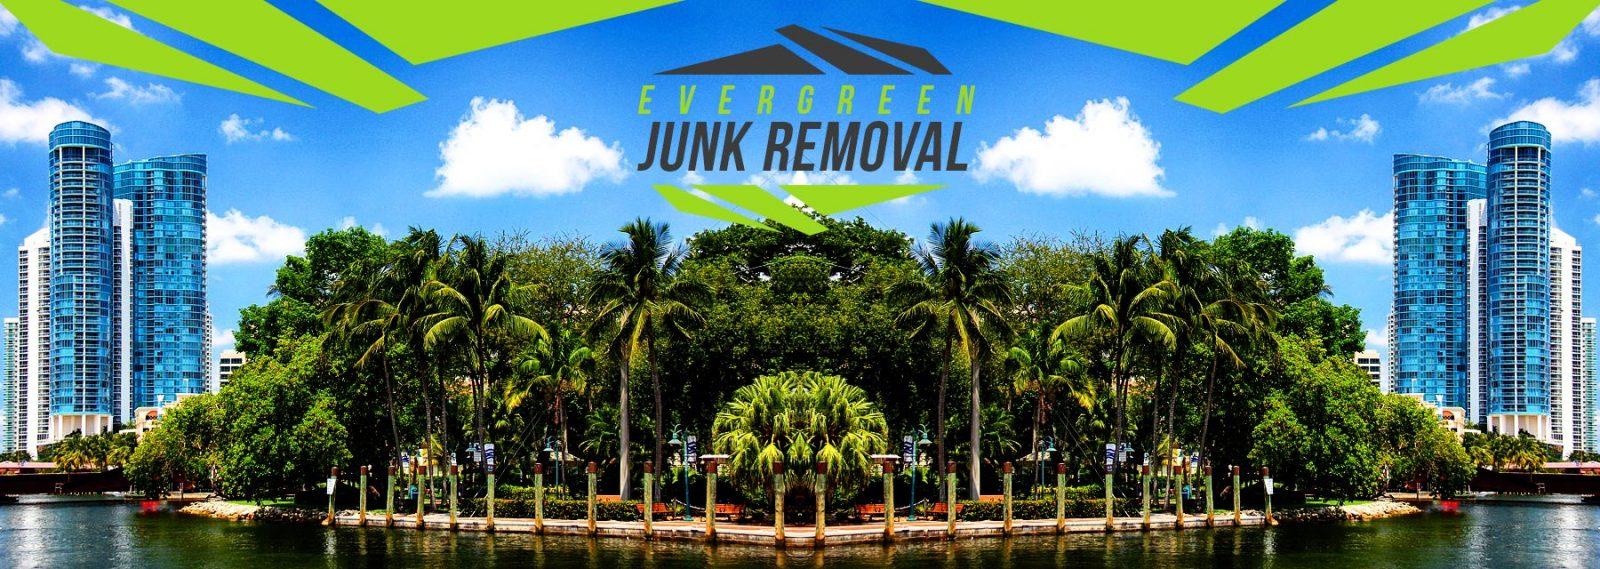 Hot Tub Removal Company